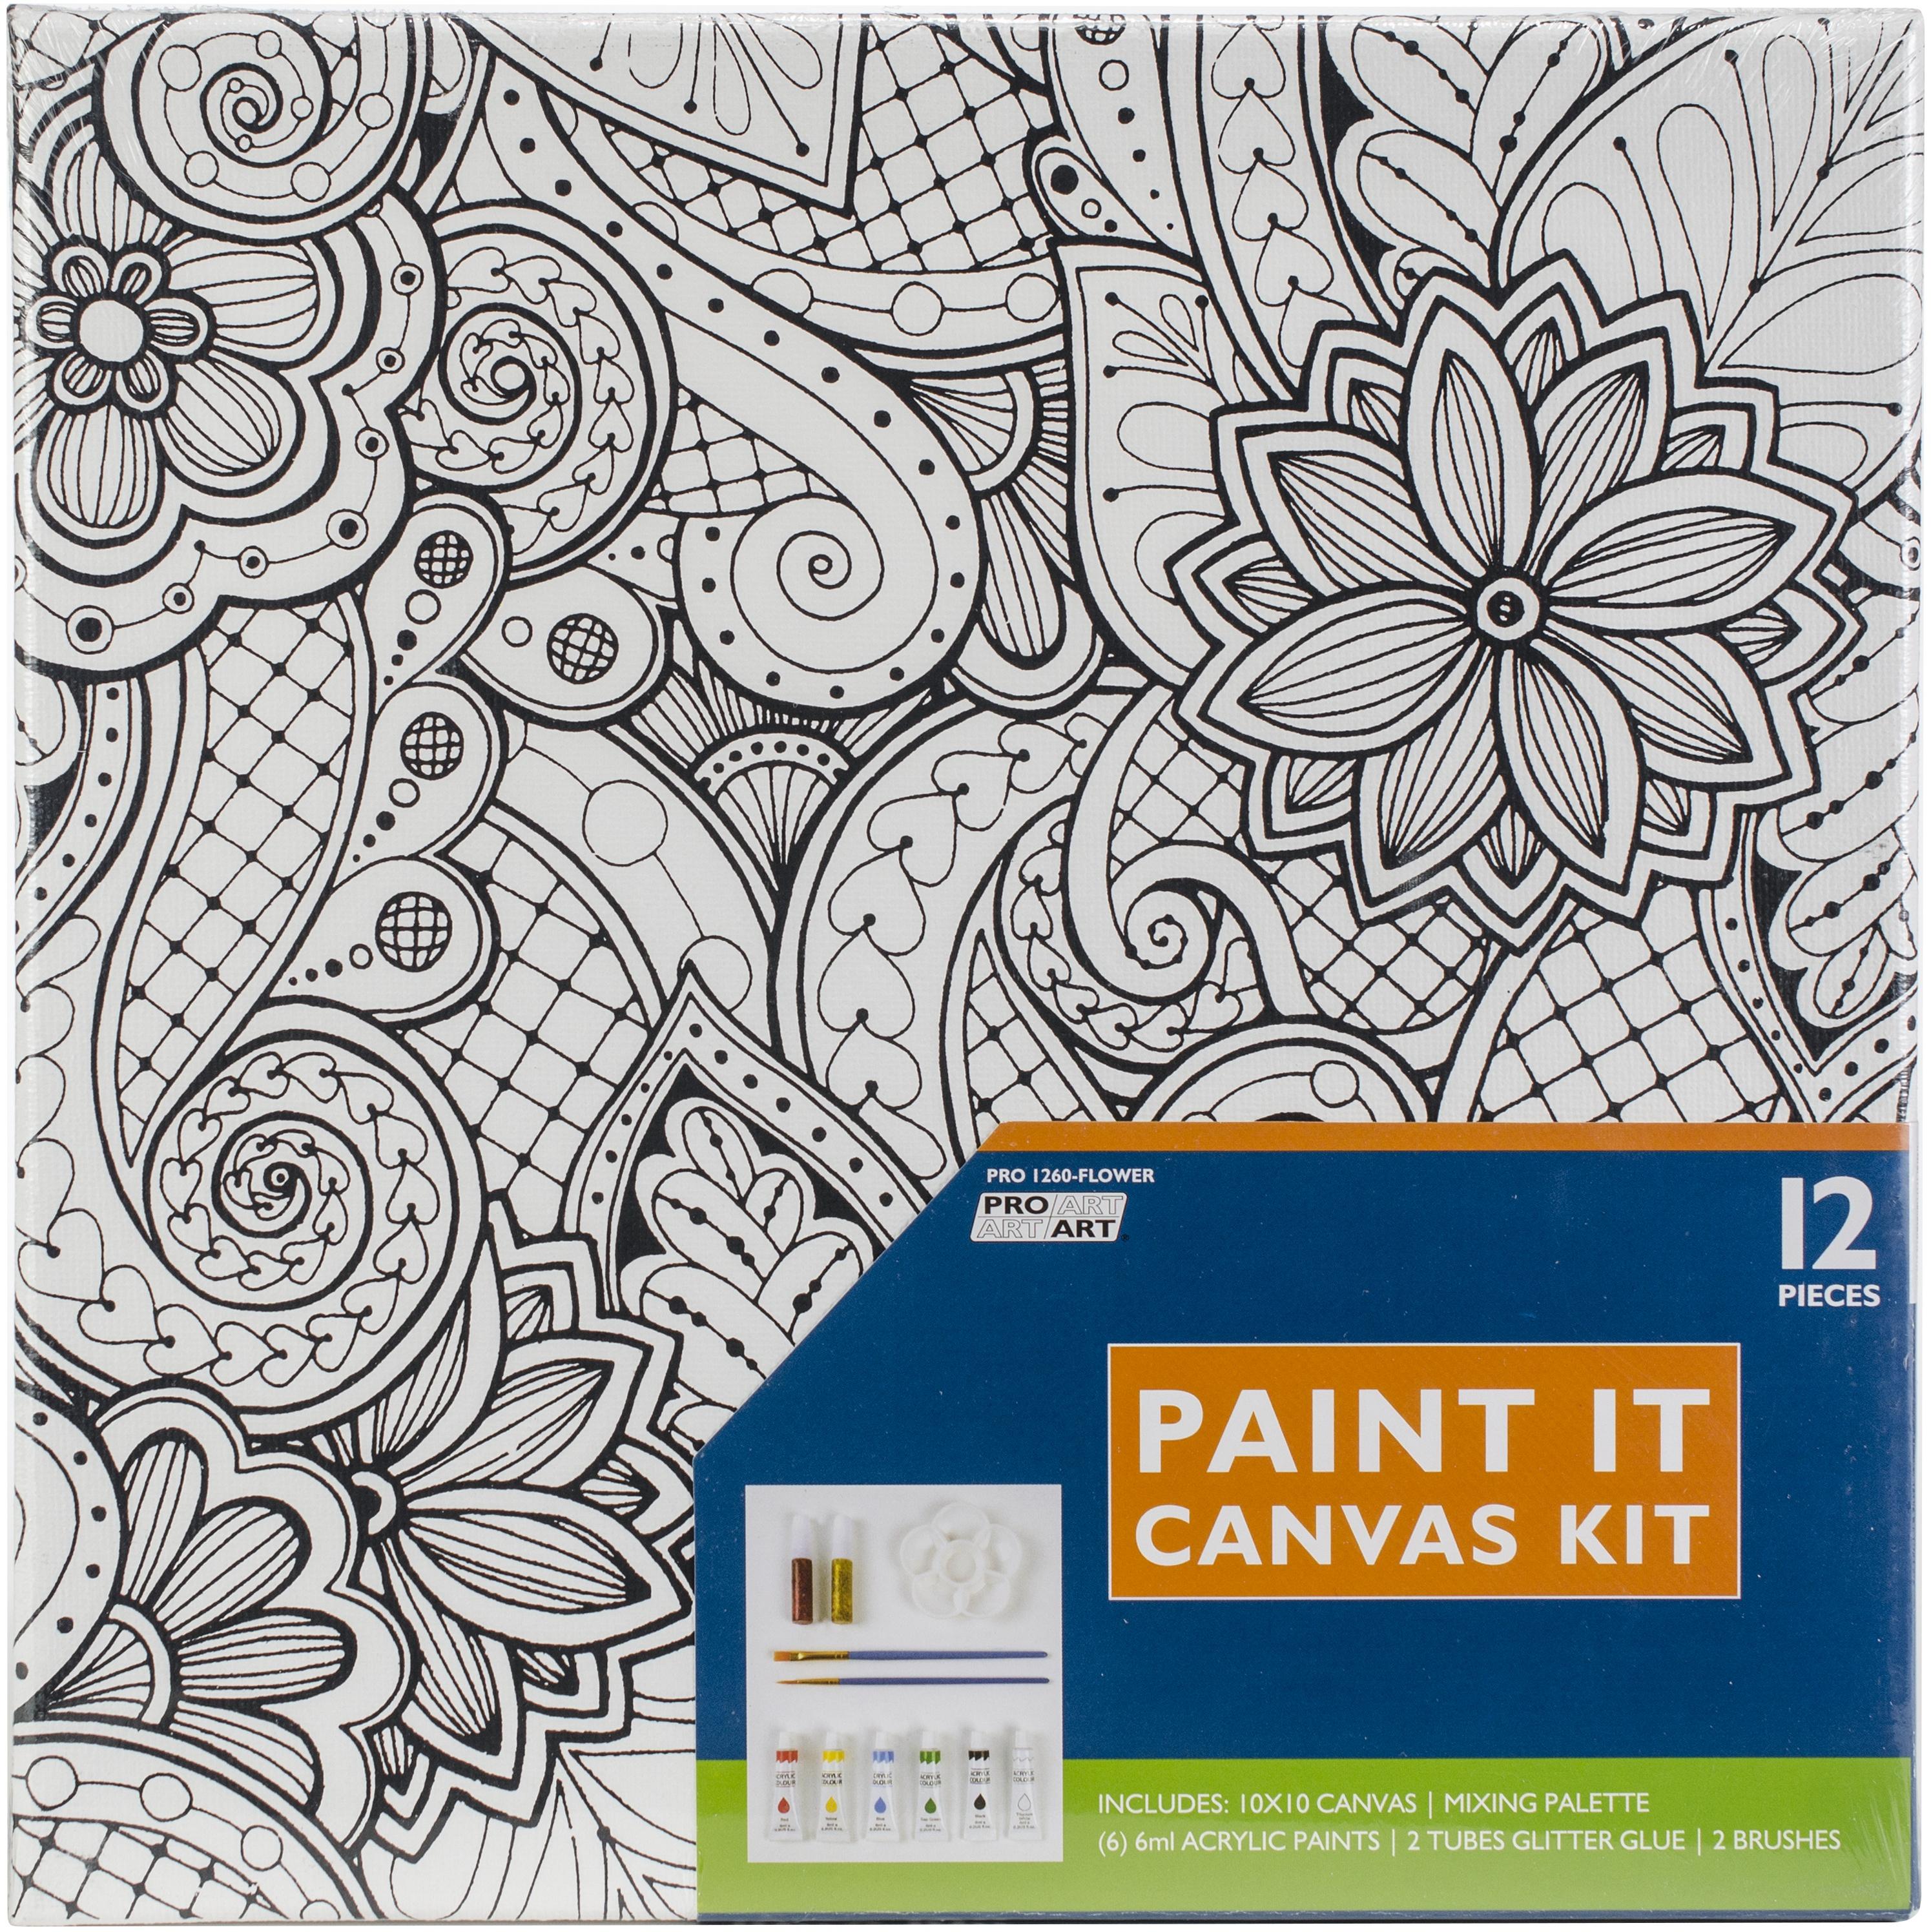 Pro Art Paint-It Canvas Kit 10X10-Flower